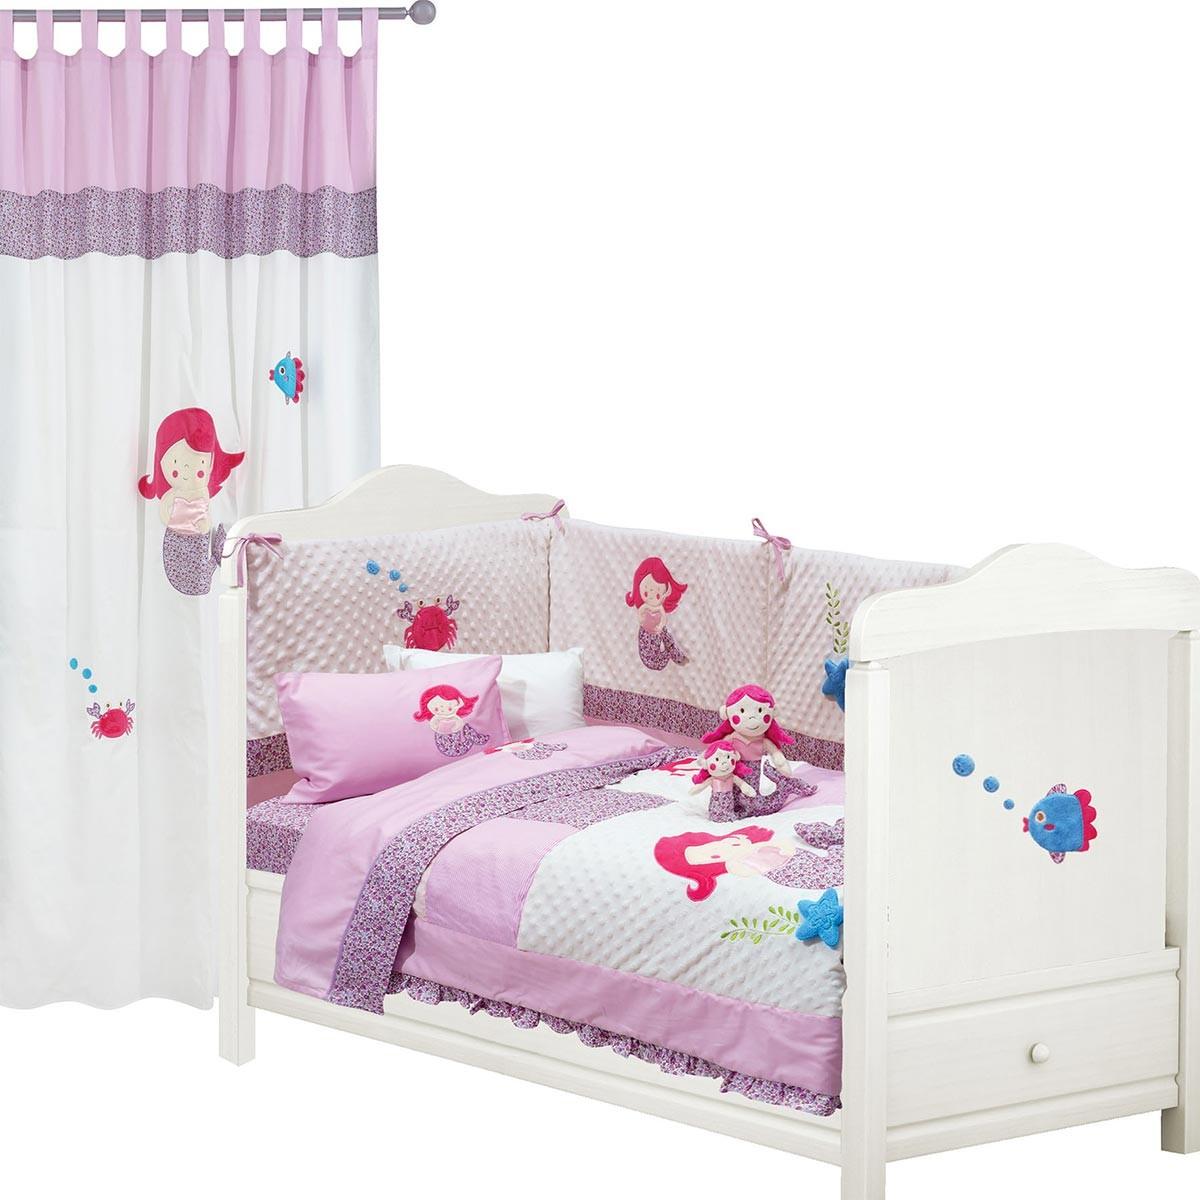 Σεντόνια Κούνιας (Σετ) Das Home Dream Embroidery 6395